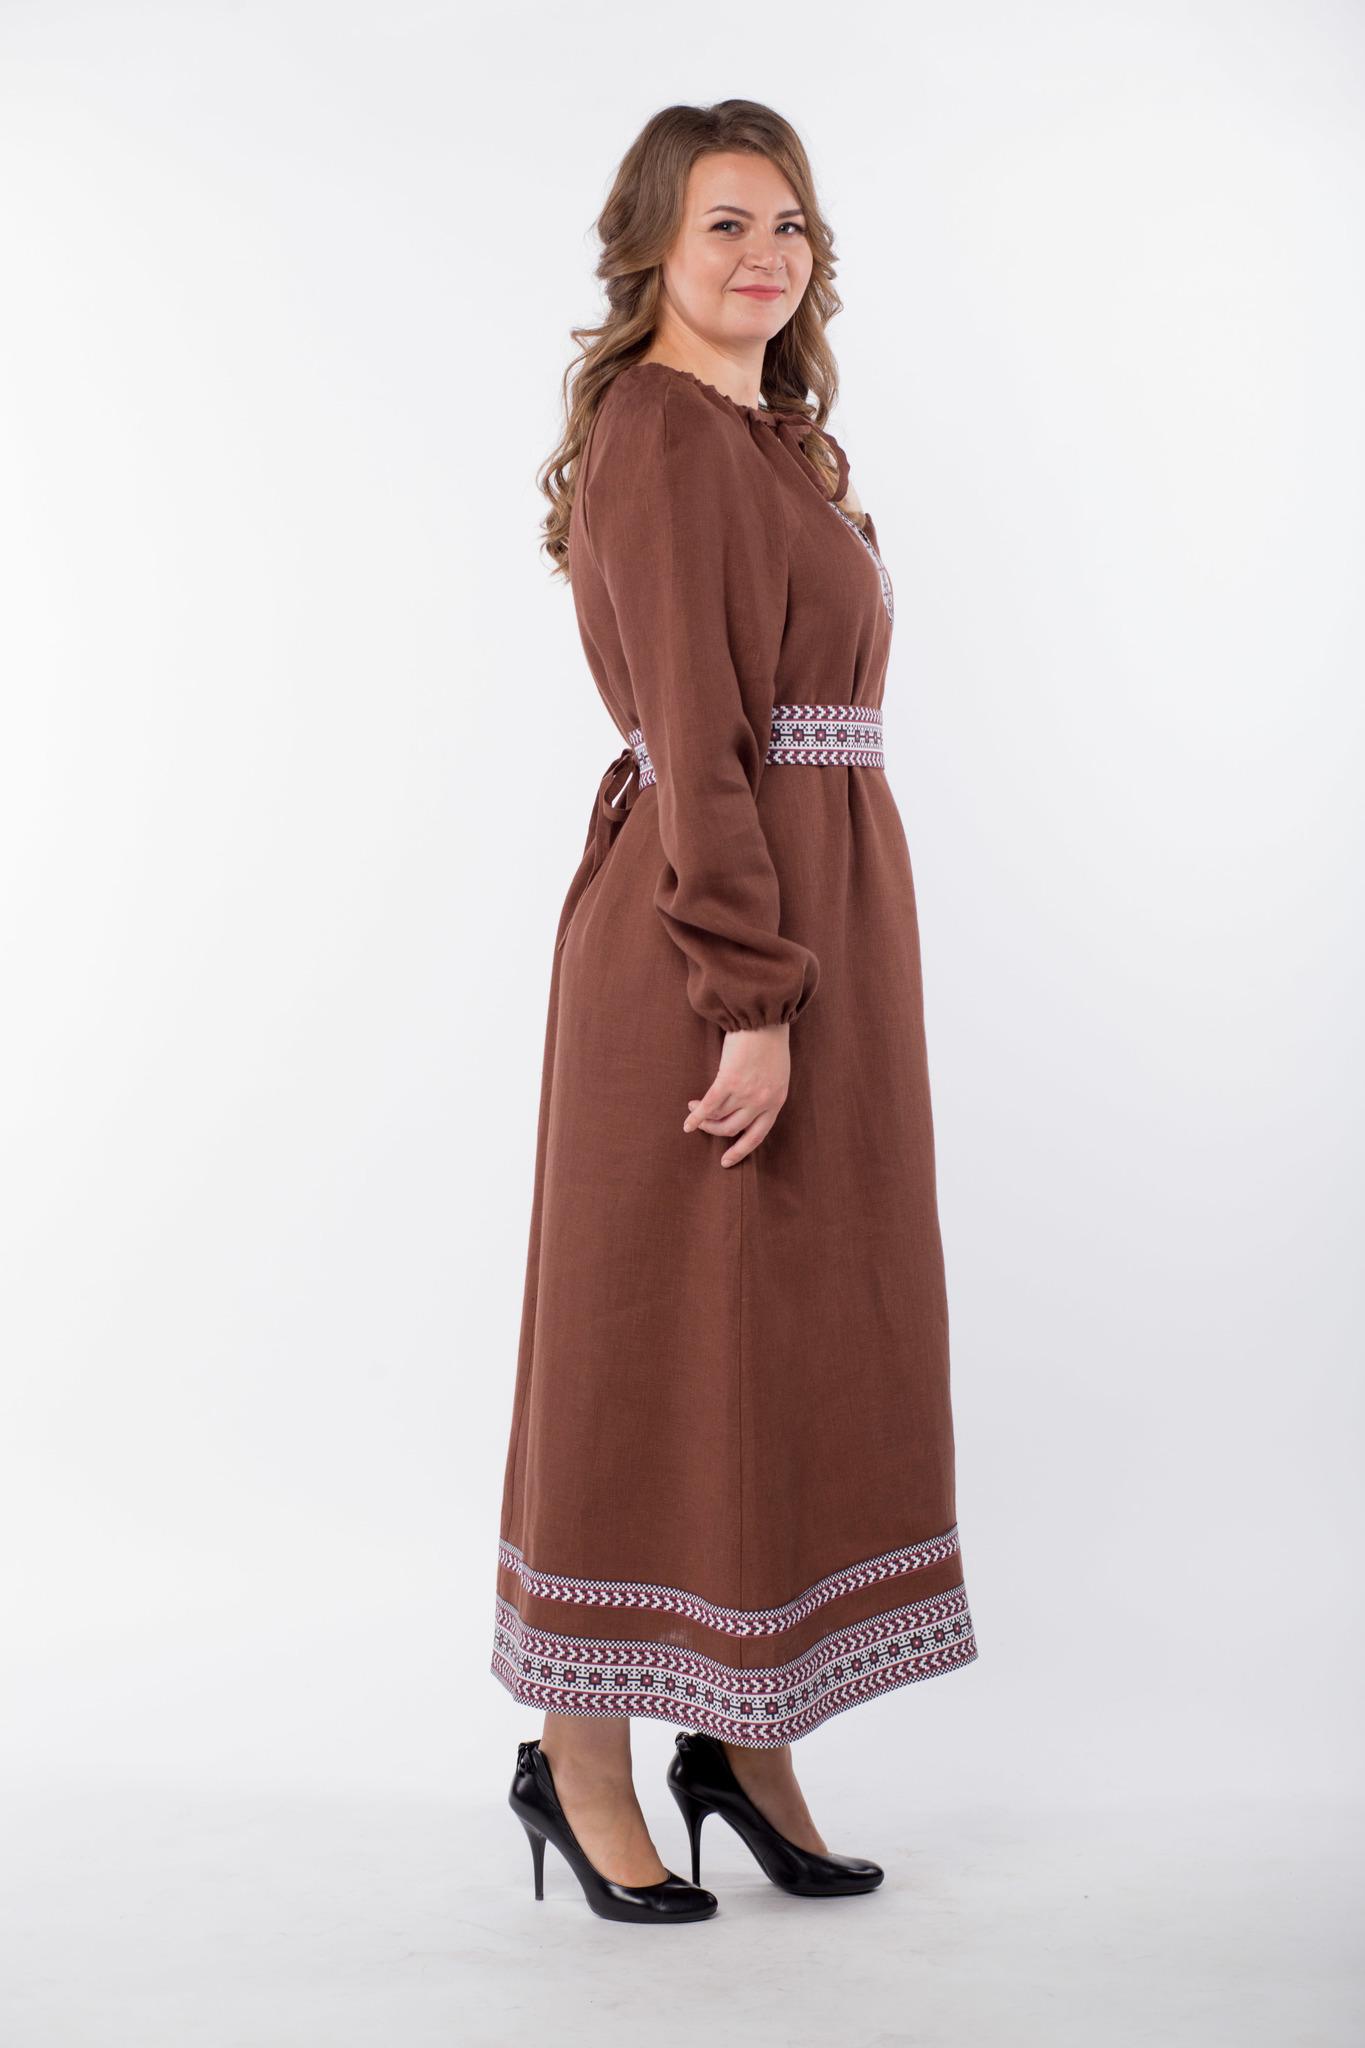 Платье льняное Новгородское 50-52 размер вид сбоку